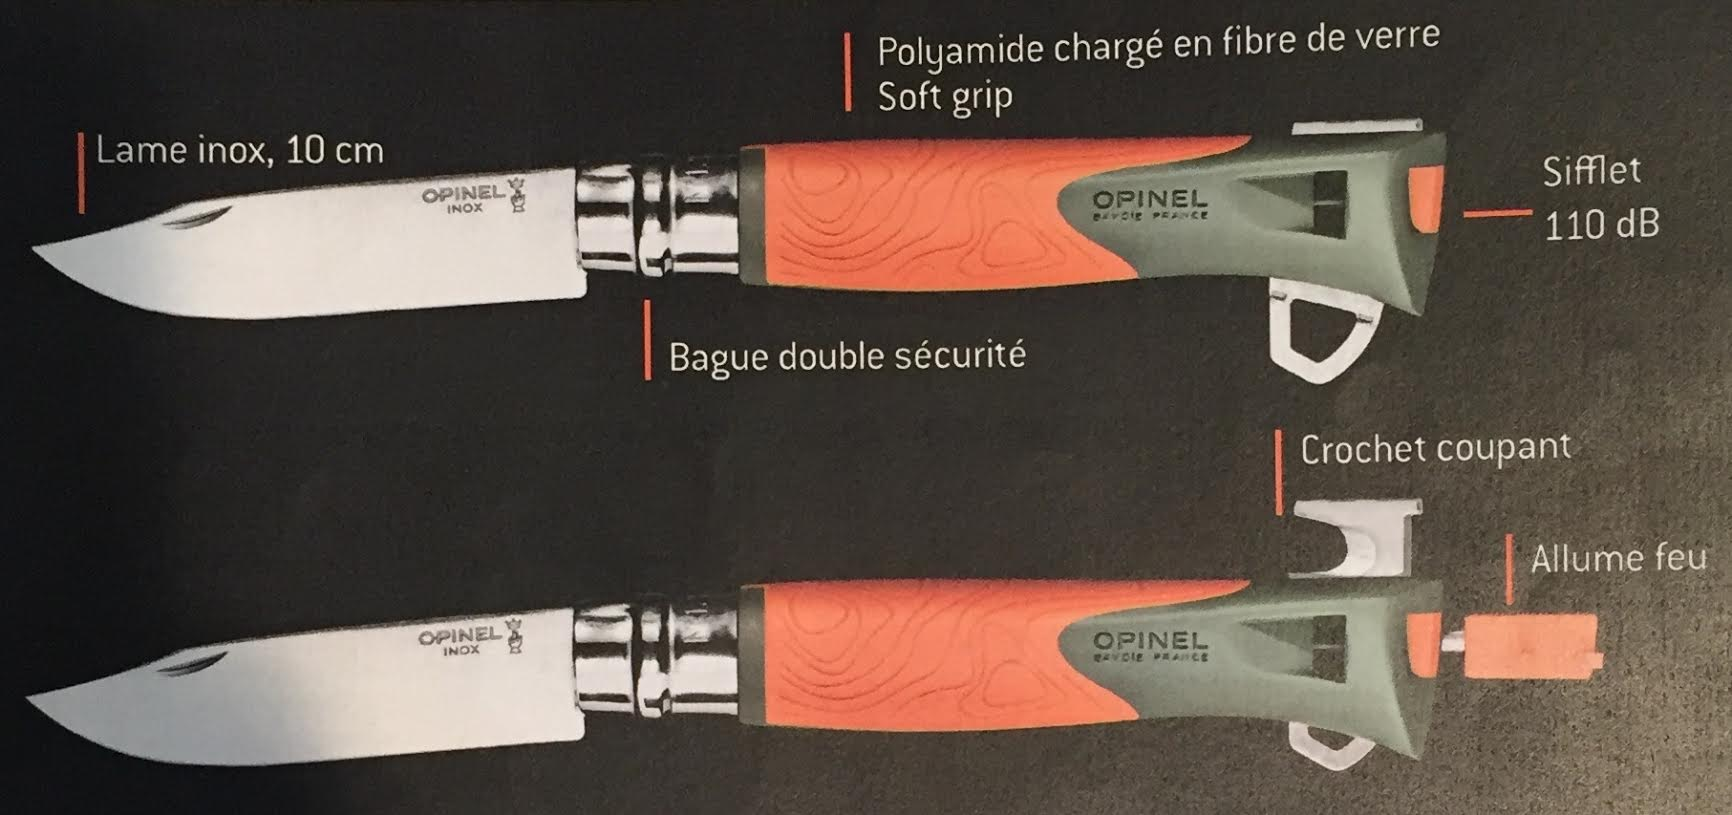 Couteau opinel n 12 explore - Couteau de cuisine opinel ...